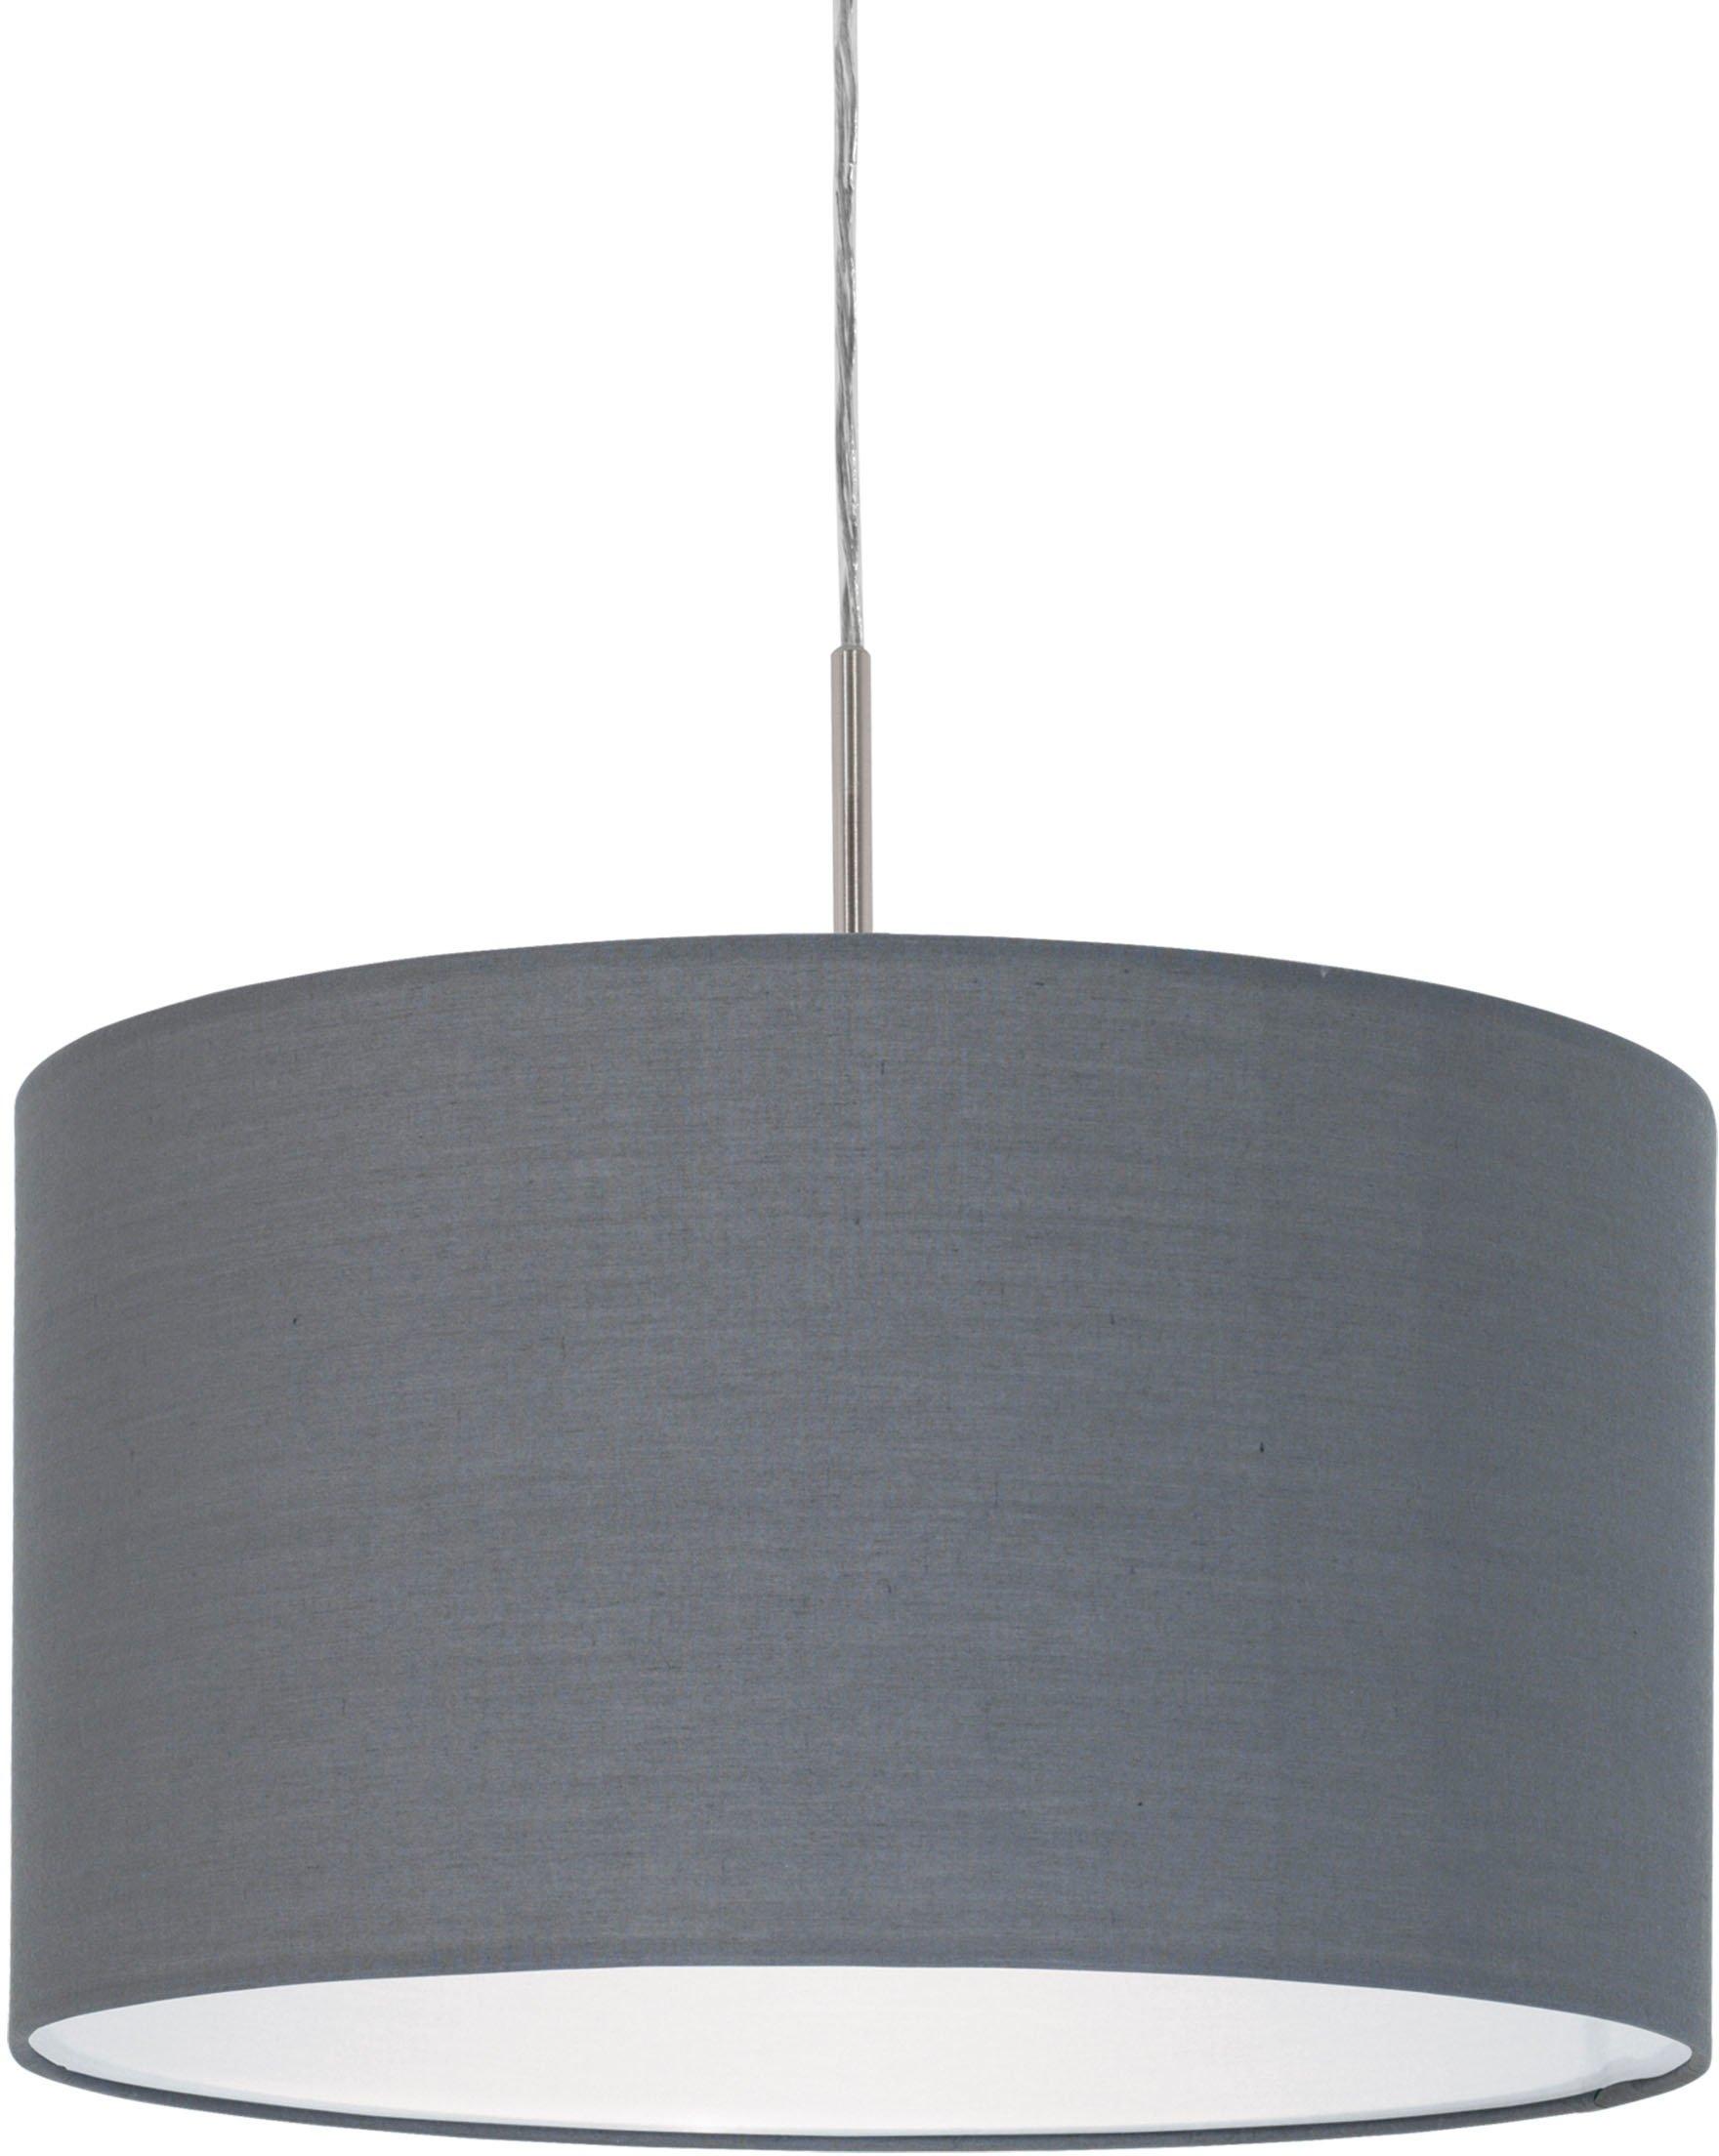 EGLO hanglamp PASTERI Hanglicht, hanglamp bestellen: 30 dagen bedenktijd